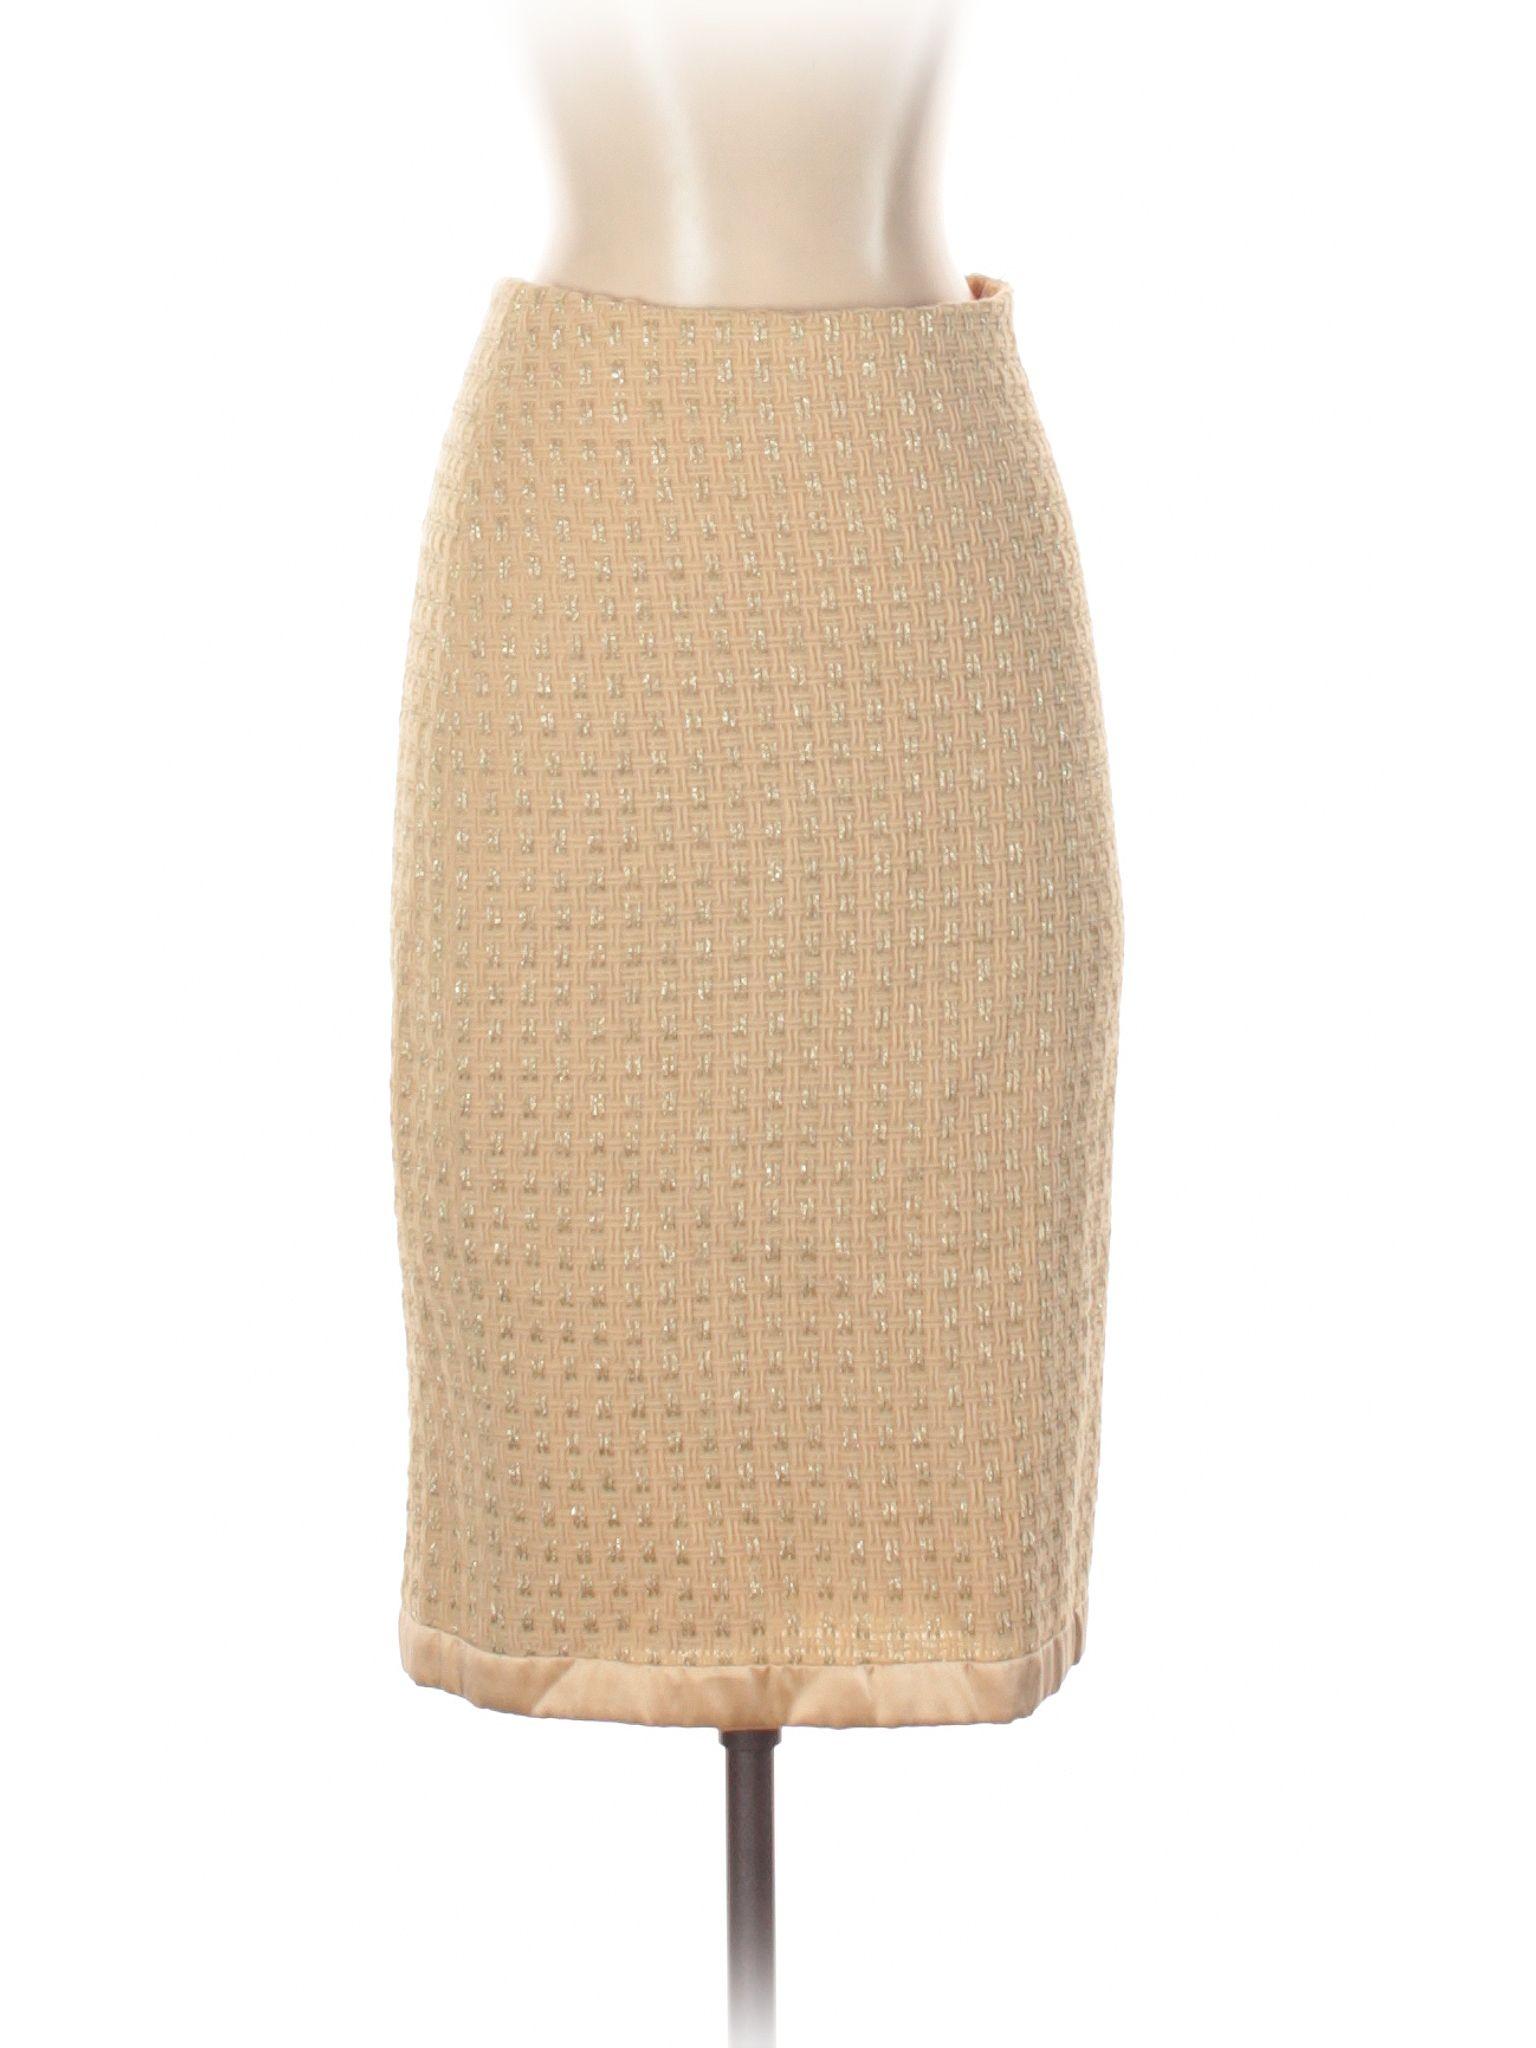 d7a319e73224 Milly for 5F Bergdorf Goodman Wool Skirt: Tan Women's Bottoms - 27571231